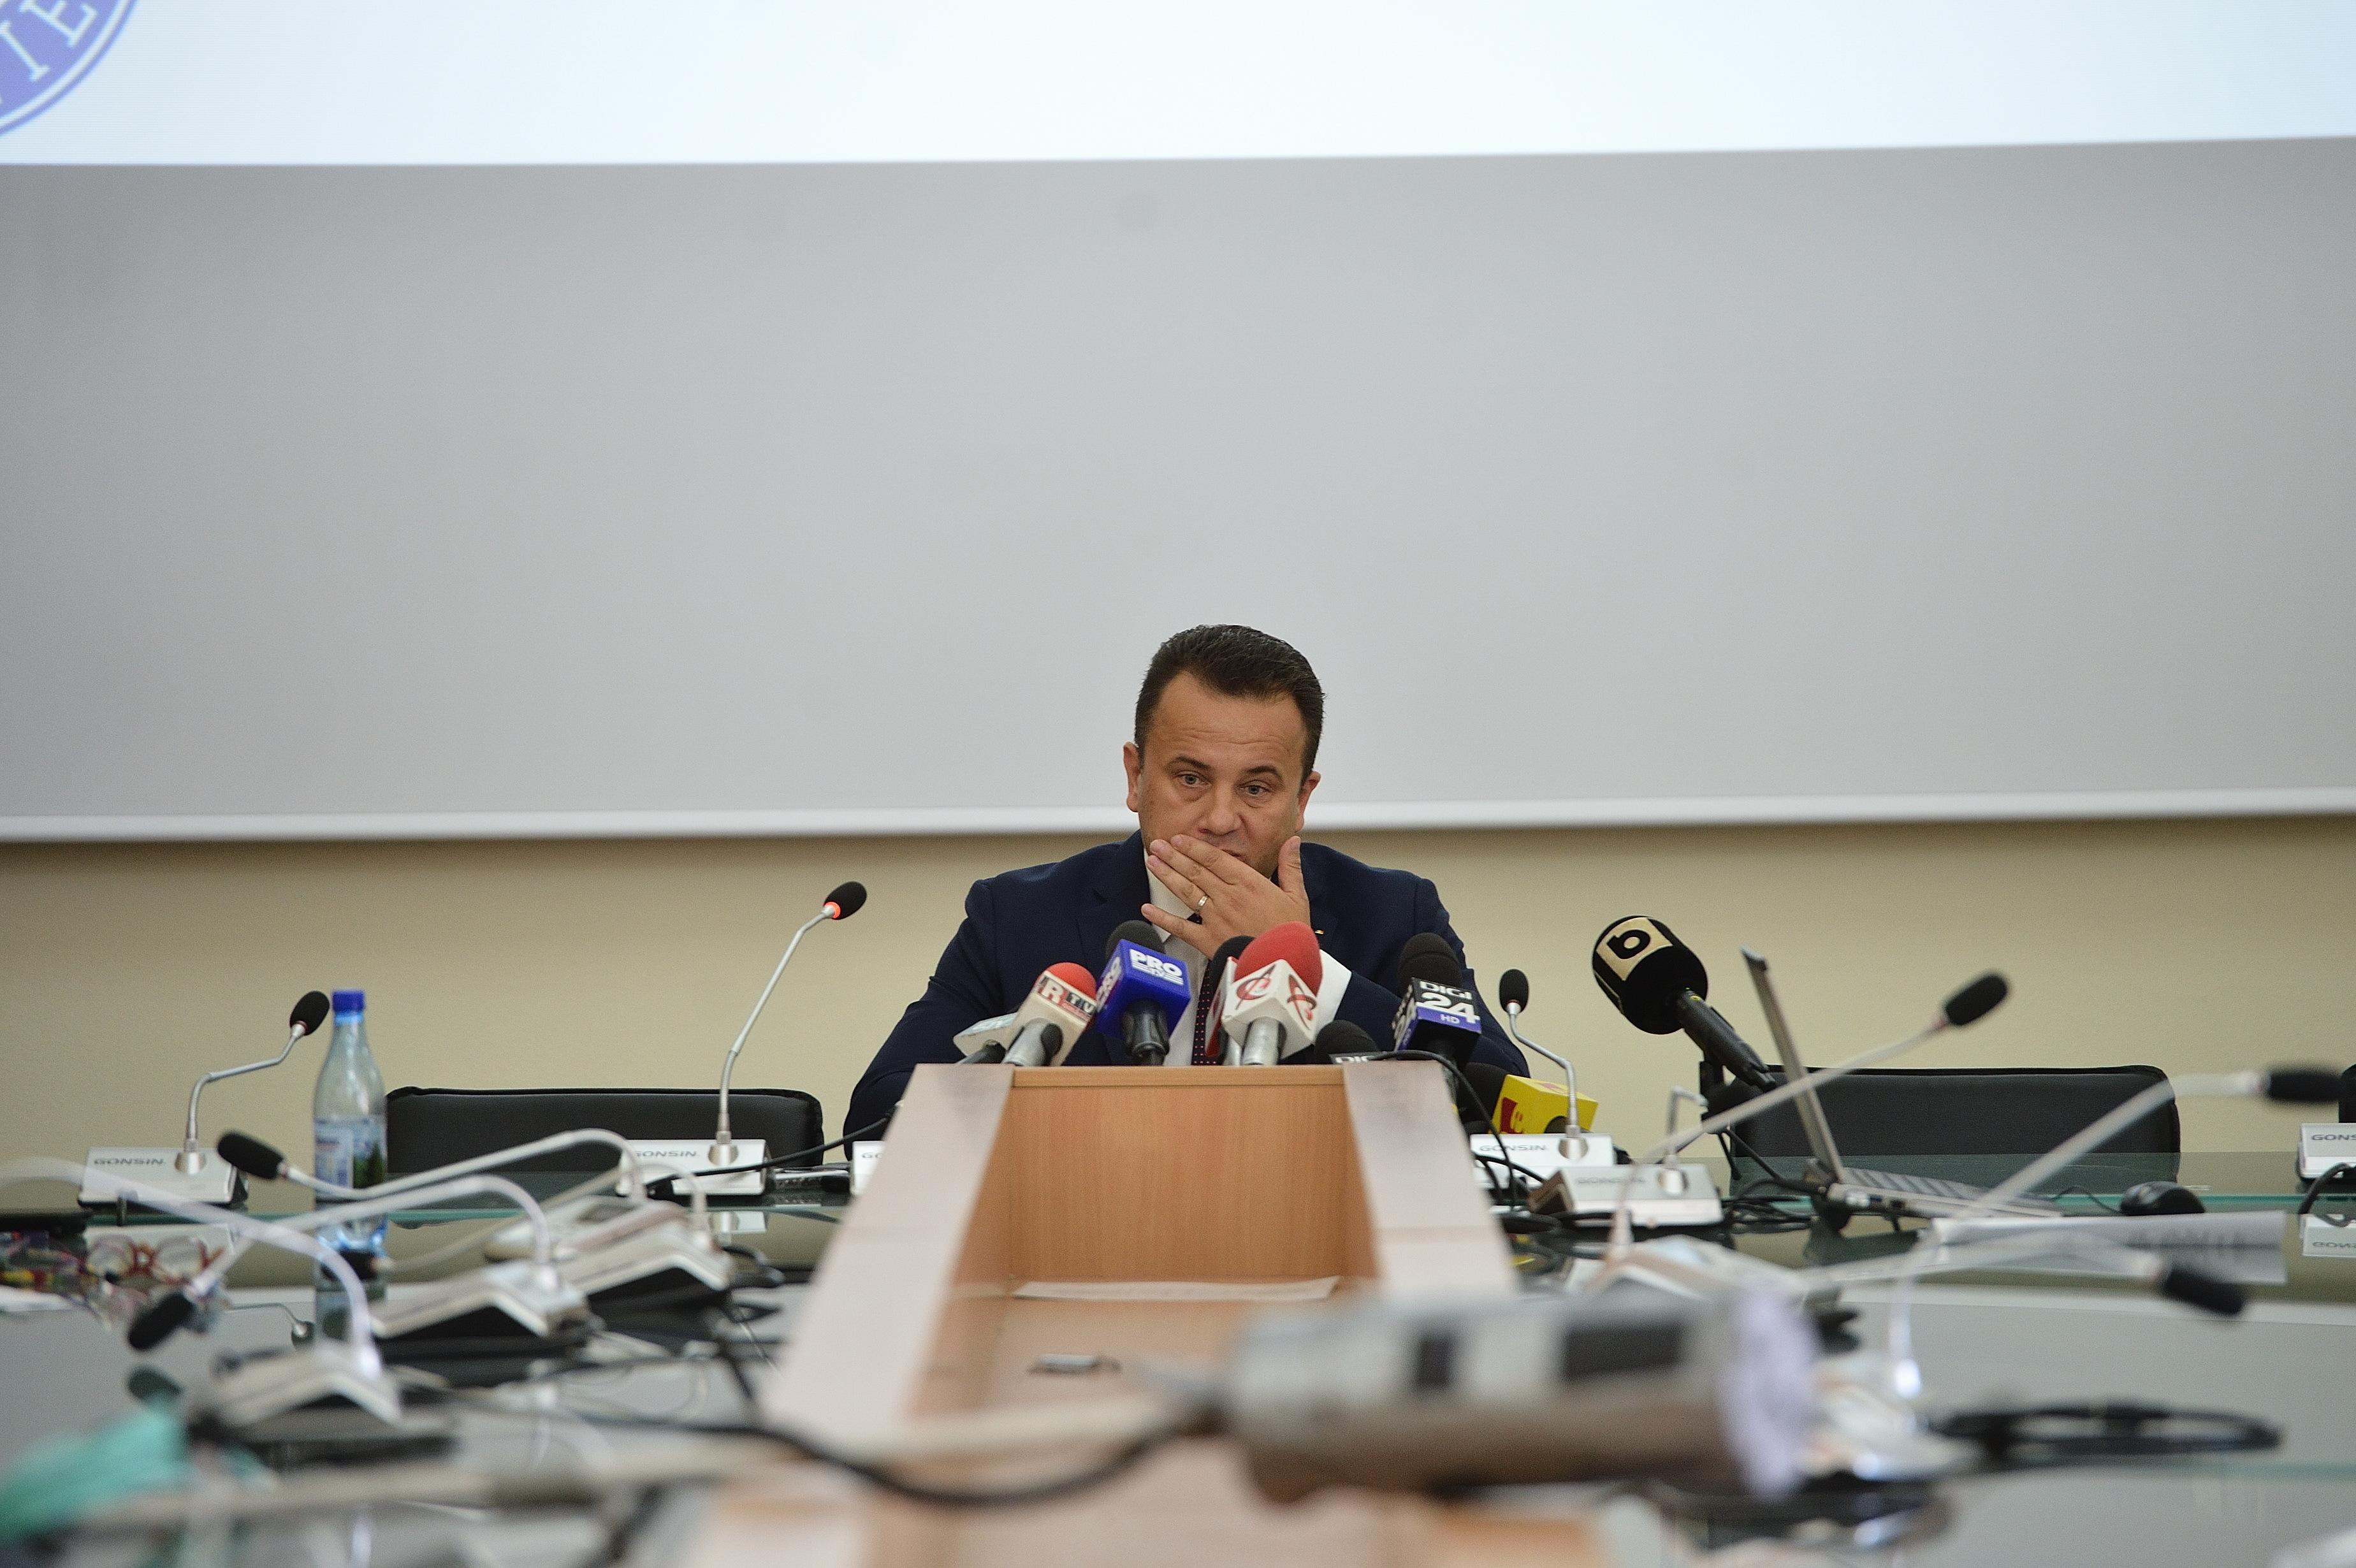 Şeful IŞJ Brăila, demis de Liviu Pop, a câştigat procesul cu Ministerul şi se întoarce în funcţie